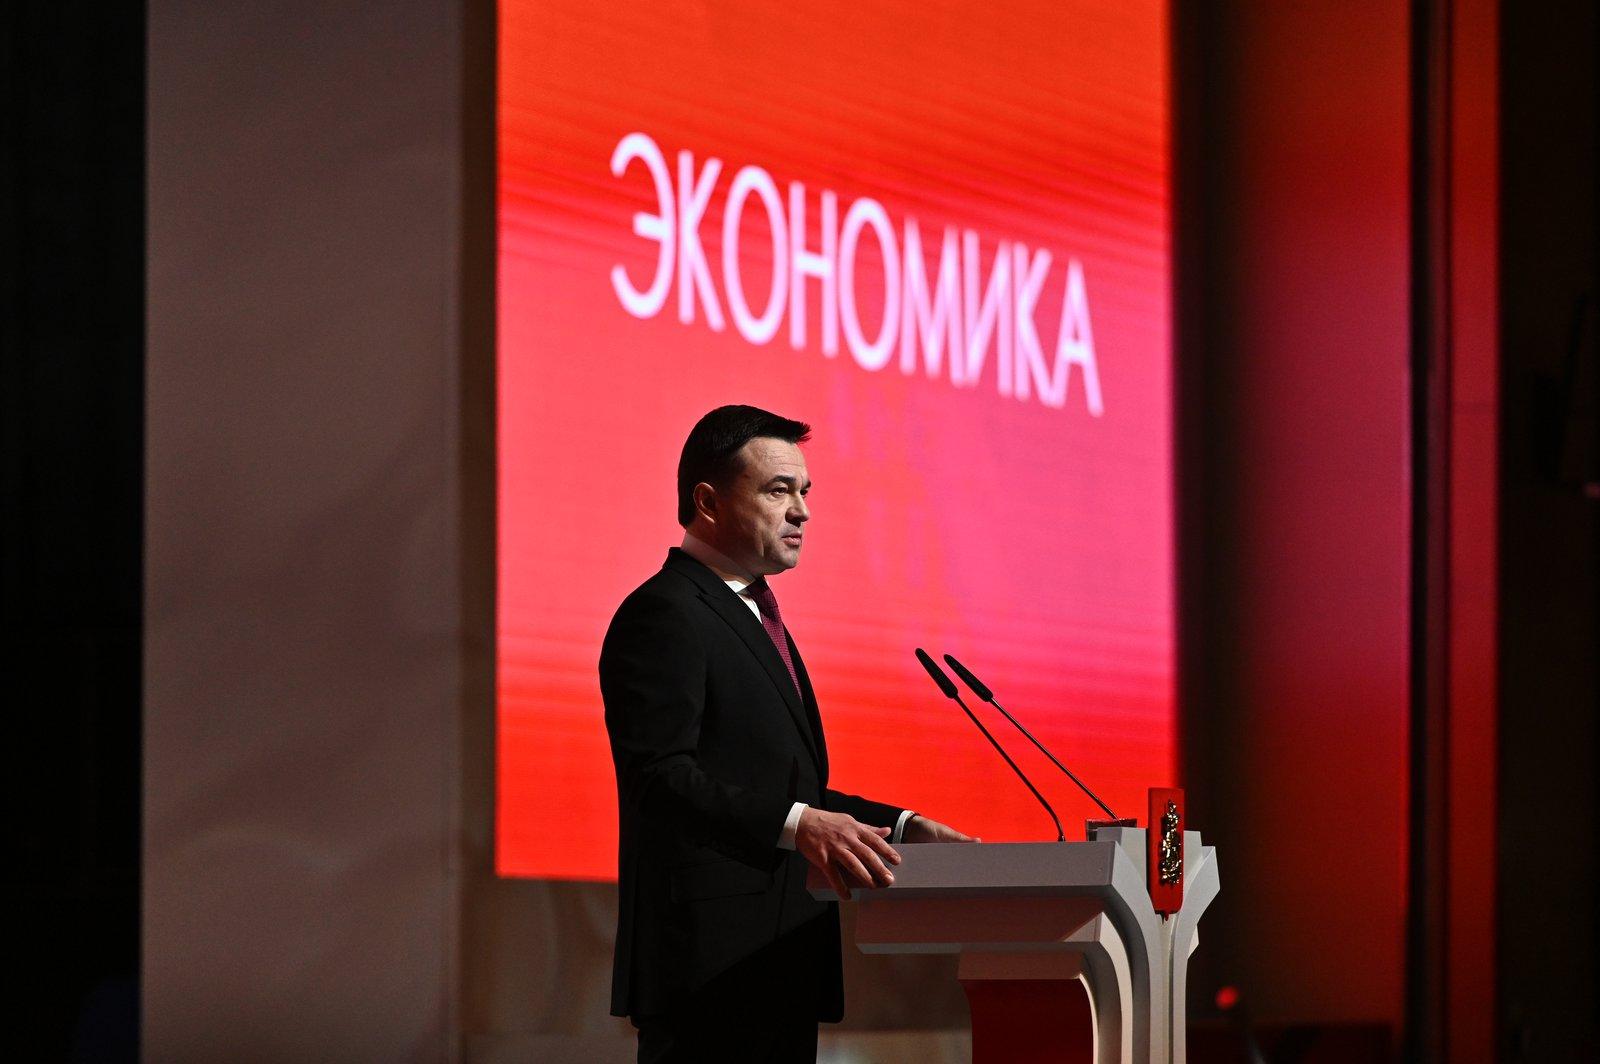 Андрей Воробьев губернатор московской области - Повышение реальных доходов жителей — приоритетная задача